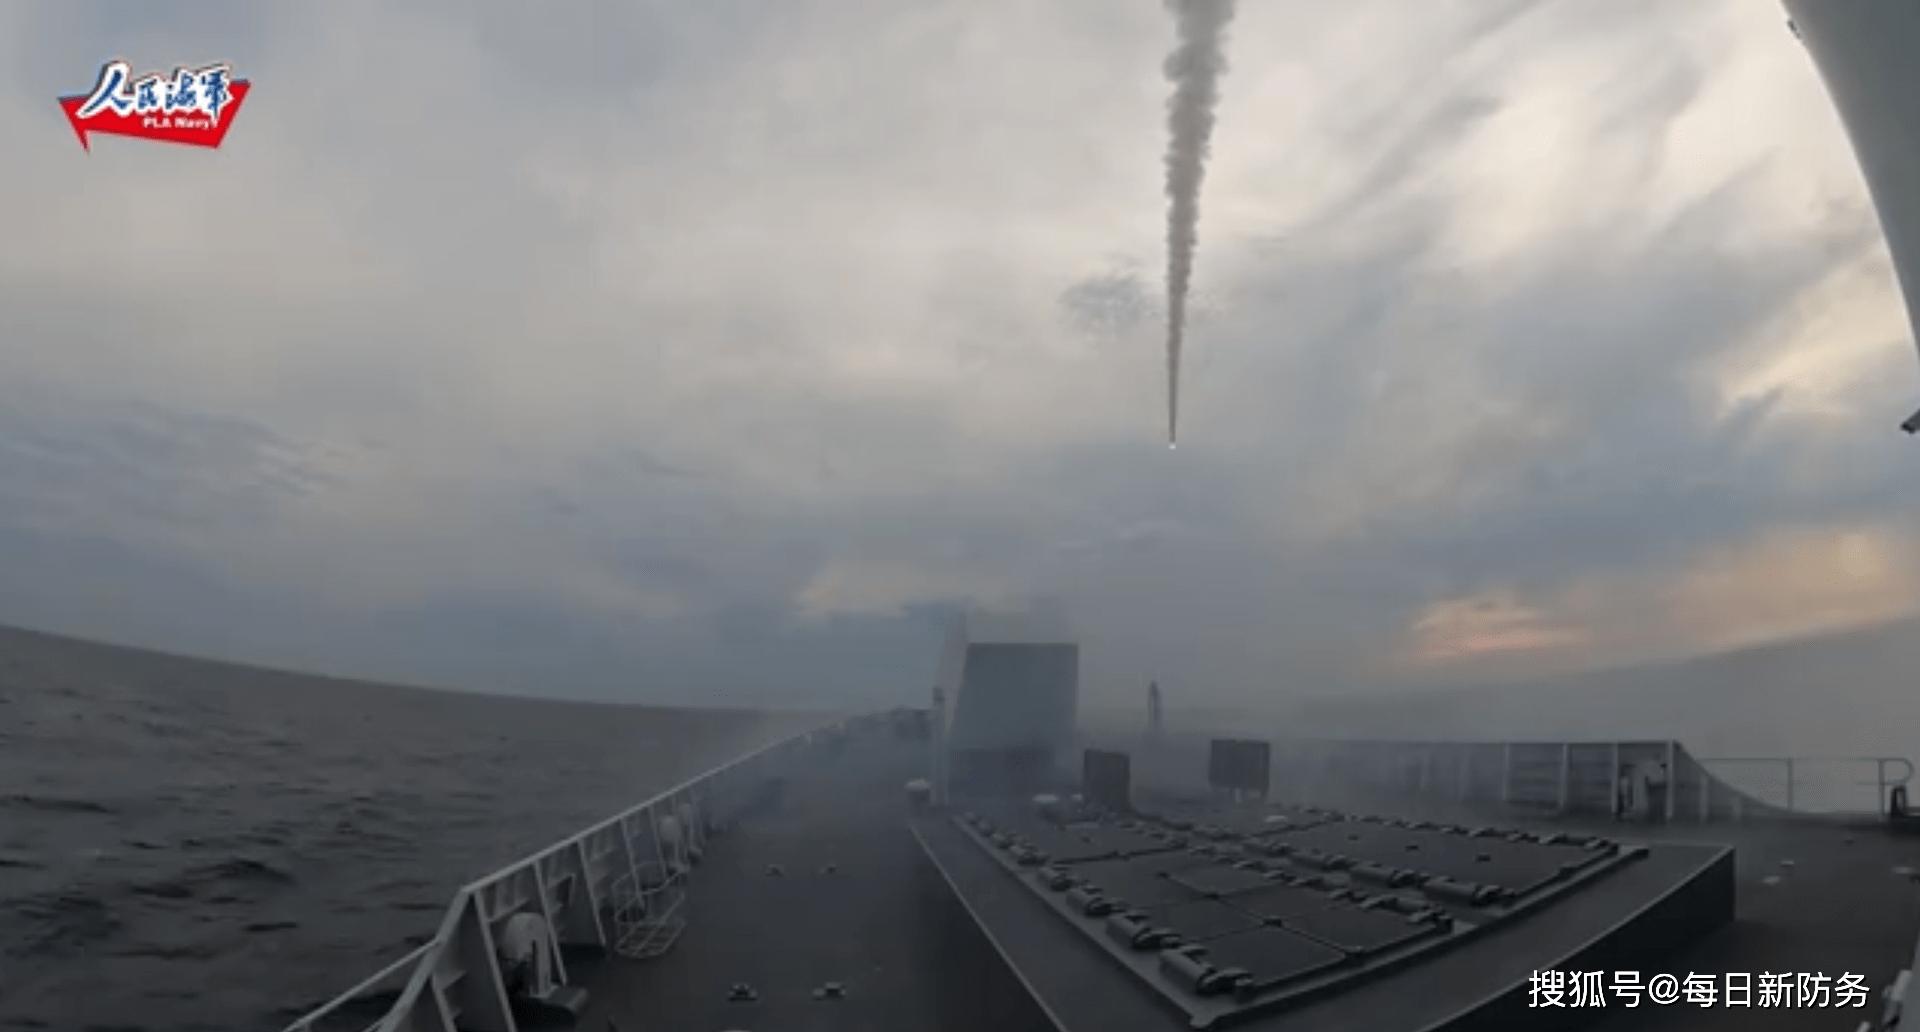 首次证实!052D服役亚超音速反舰导弹,冷热共架发射系统引关注